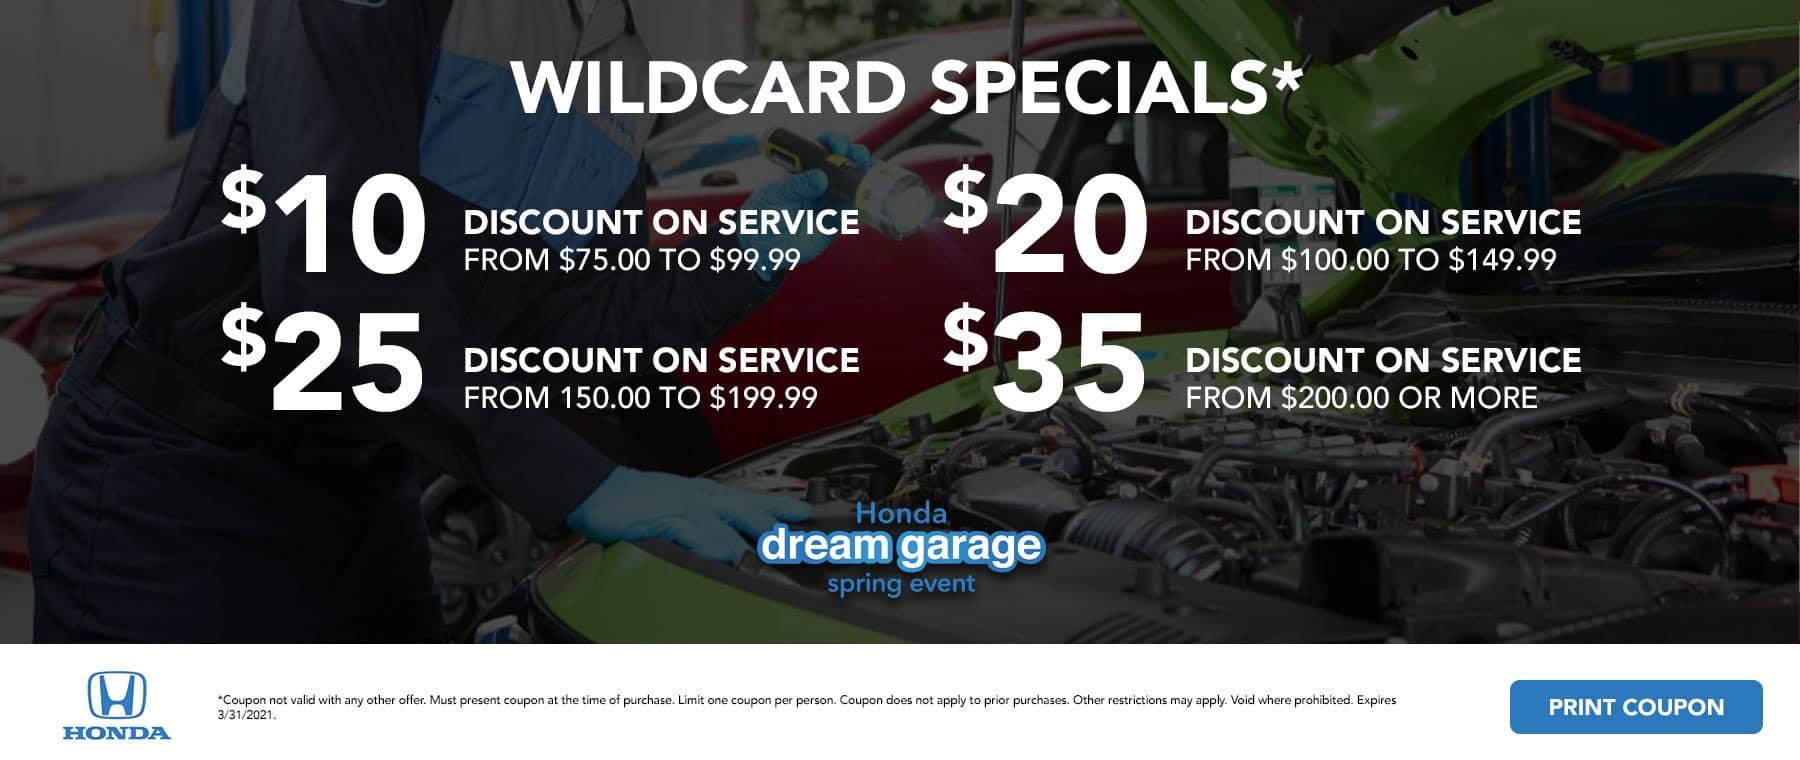 Wildcard Specials